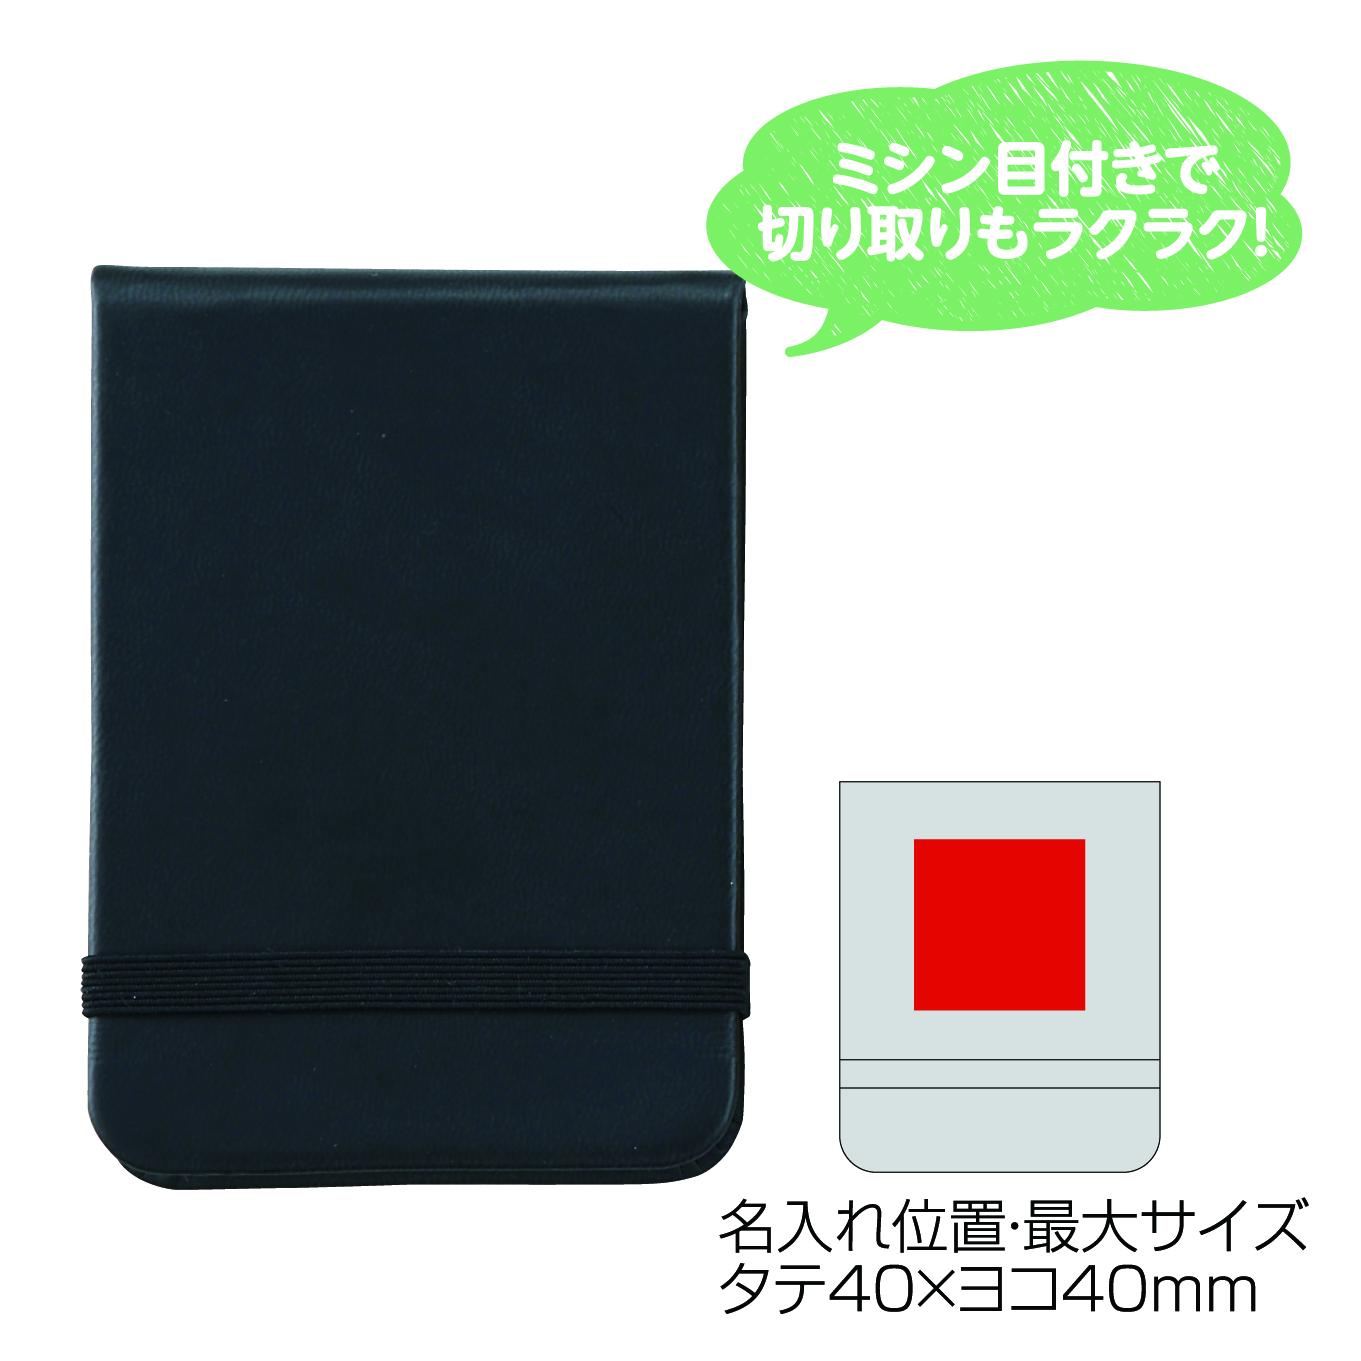 セルトナ・ハードカバーメモ帳(ブラック)